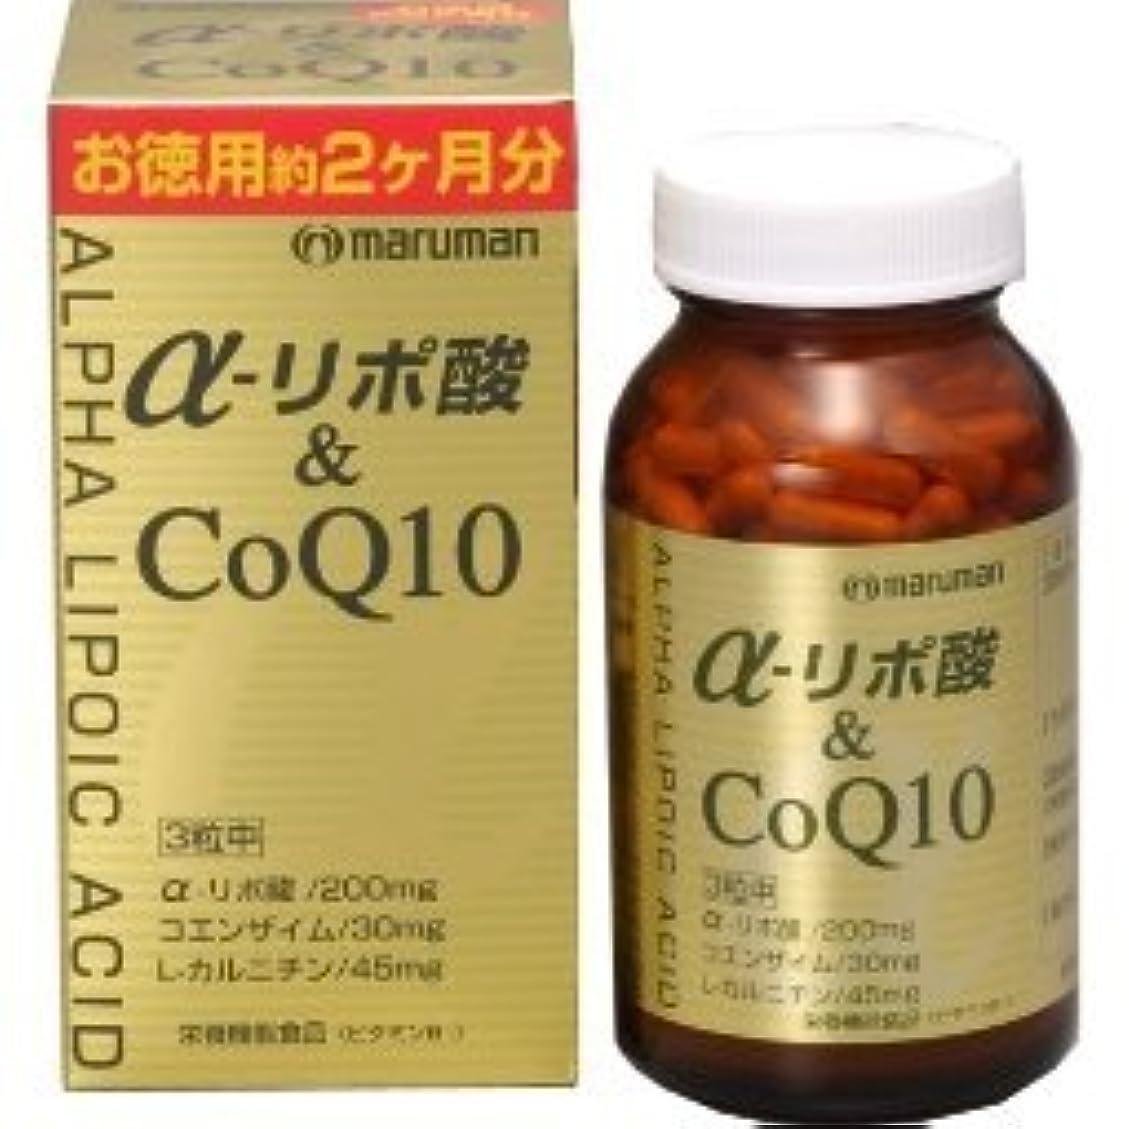 一般化する乱闘ありがたいαリポ酸&COQ10 180粒